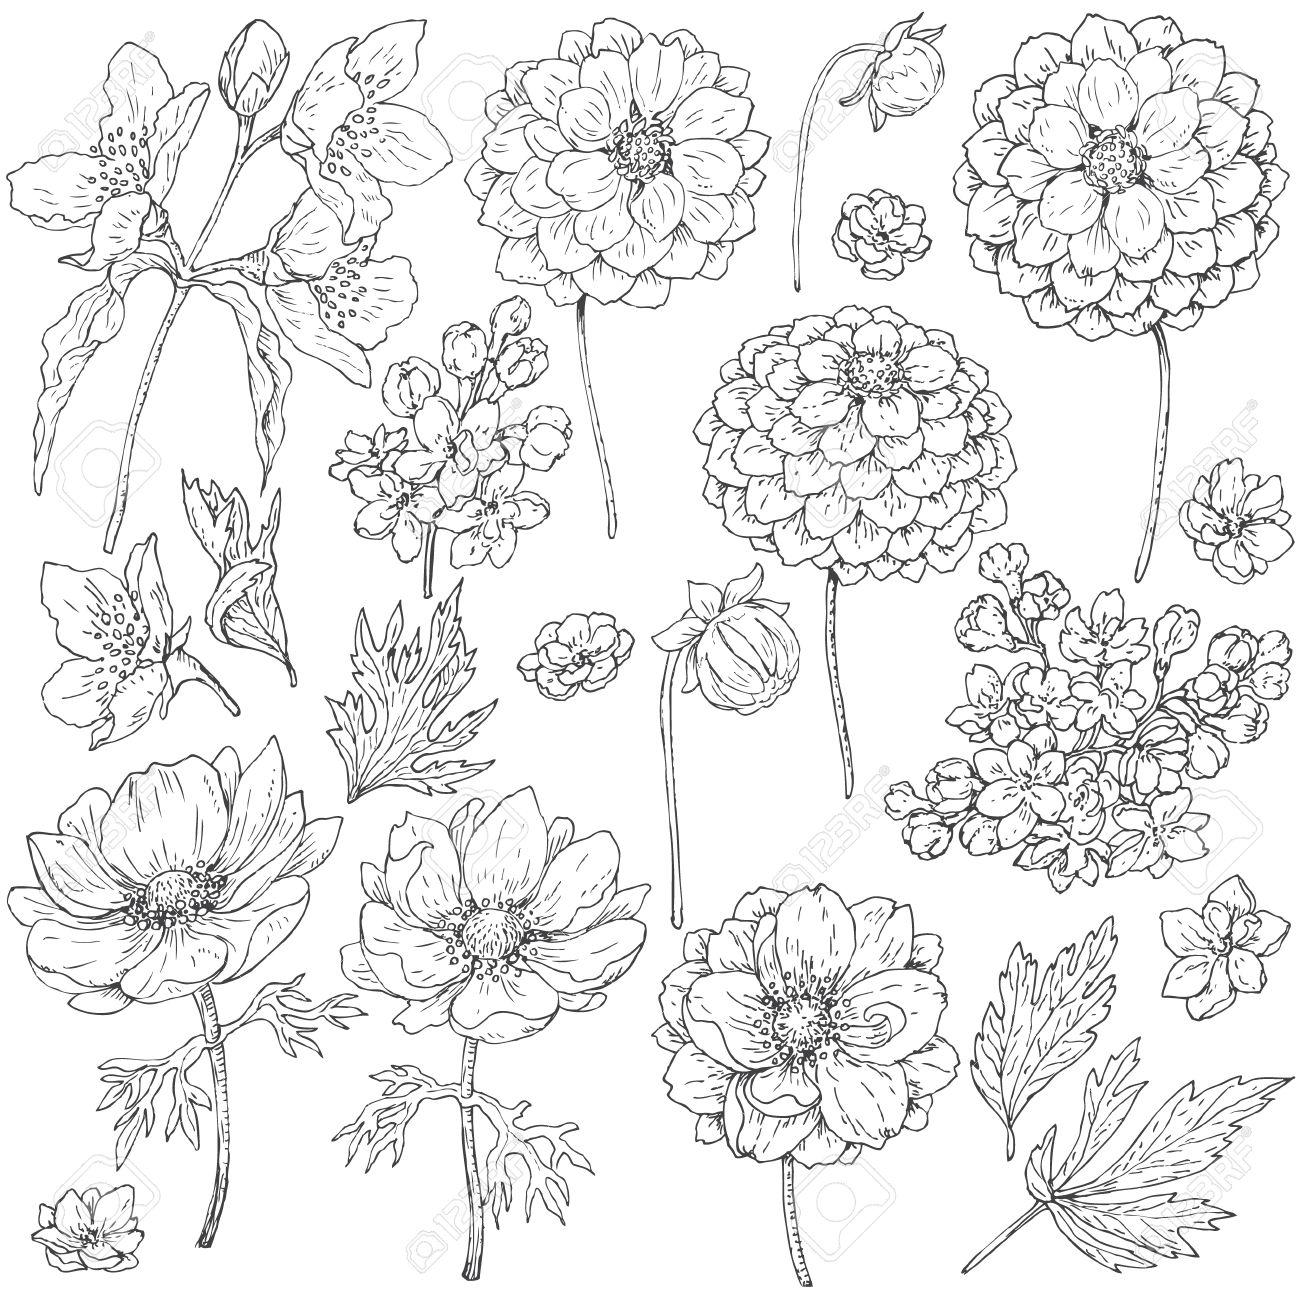 Ausgezeichnet Blumen Doodle Malvorlagen Ideen Malvorlagen Von